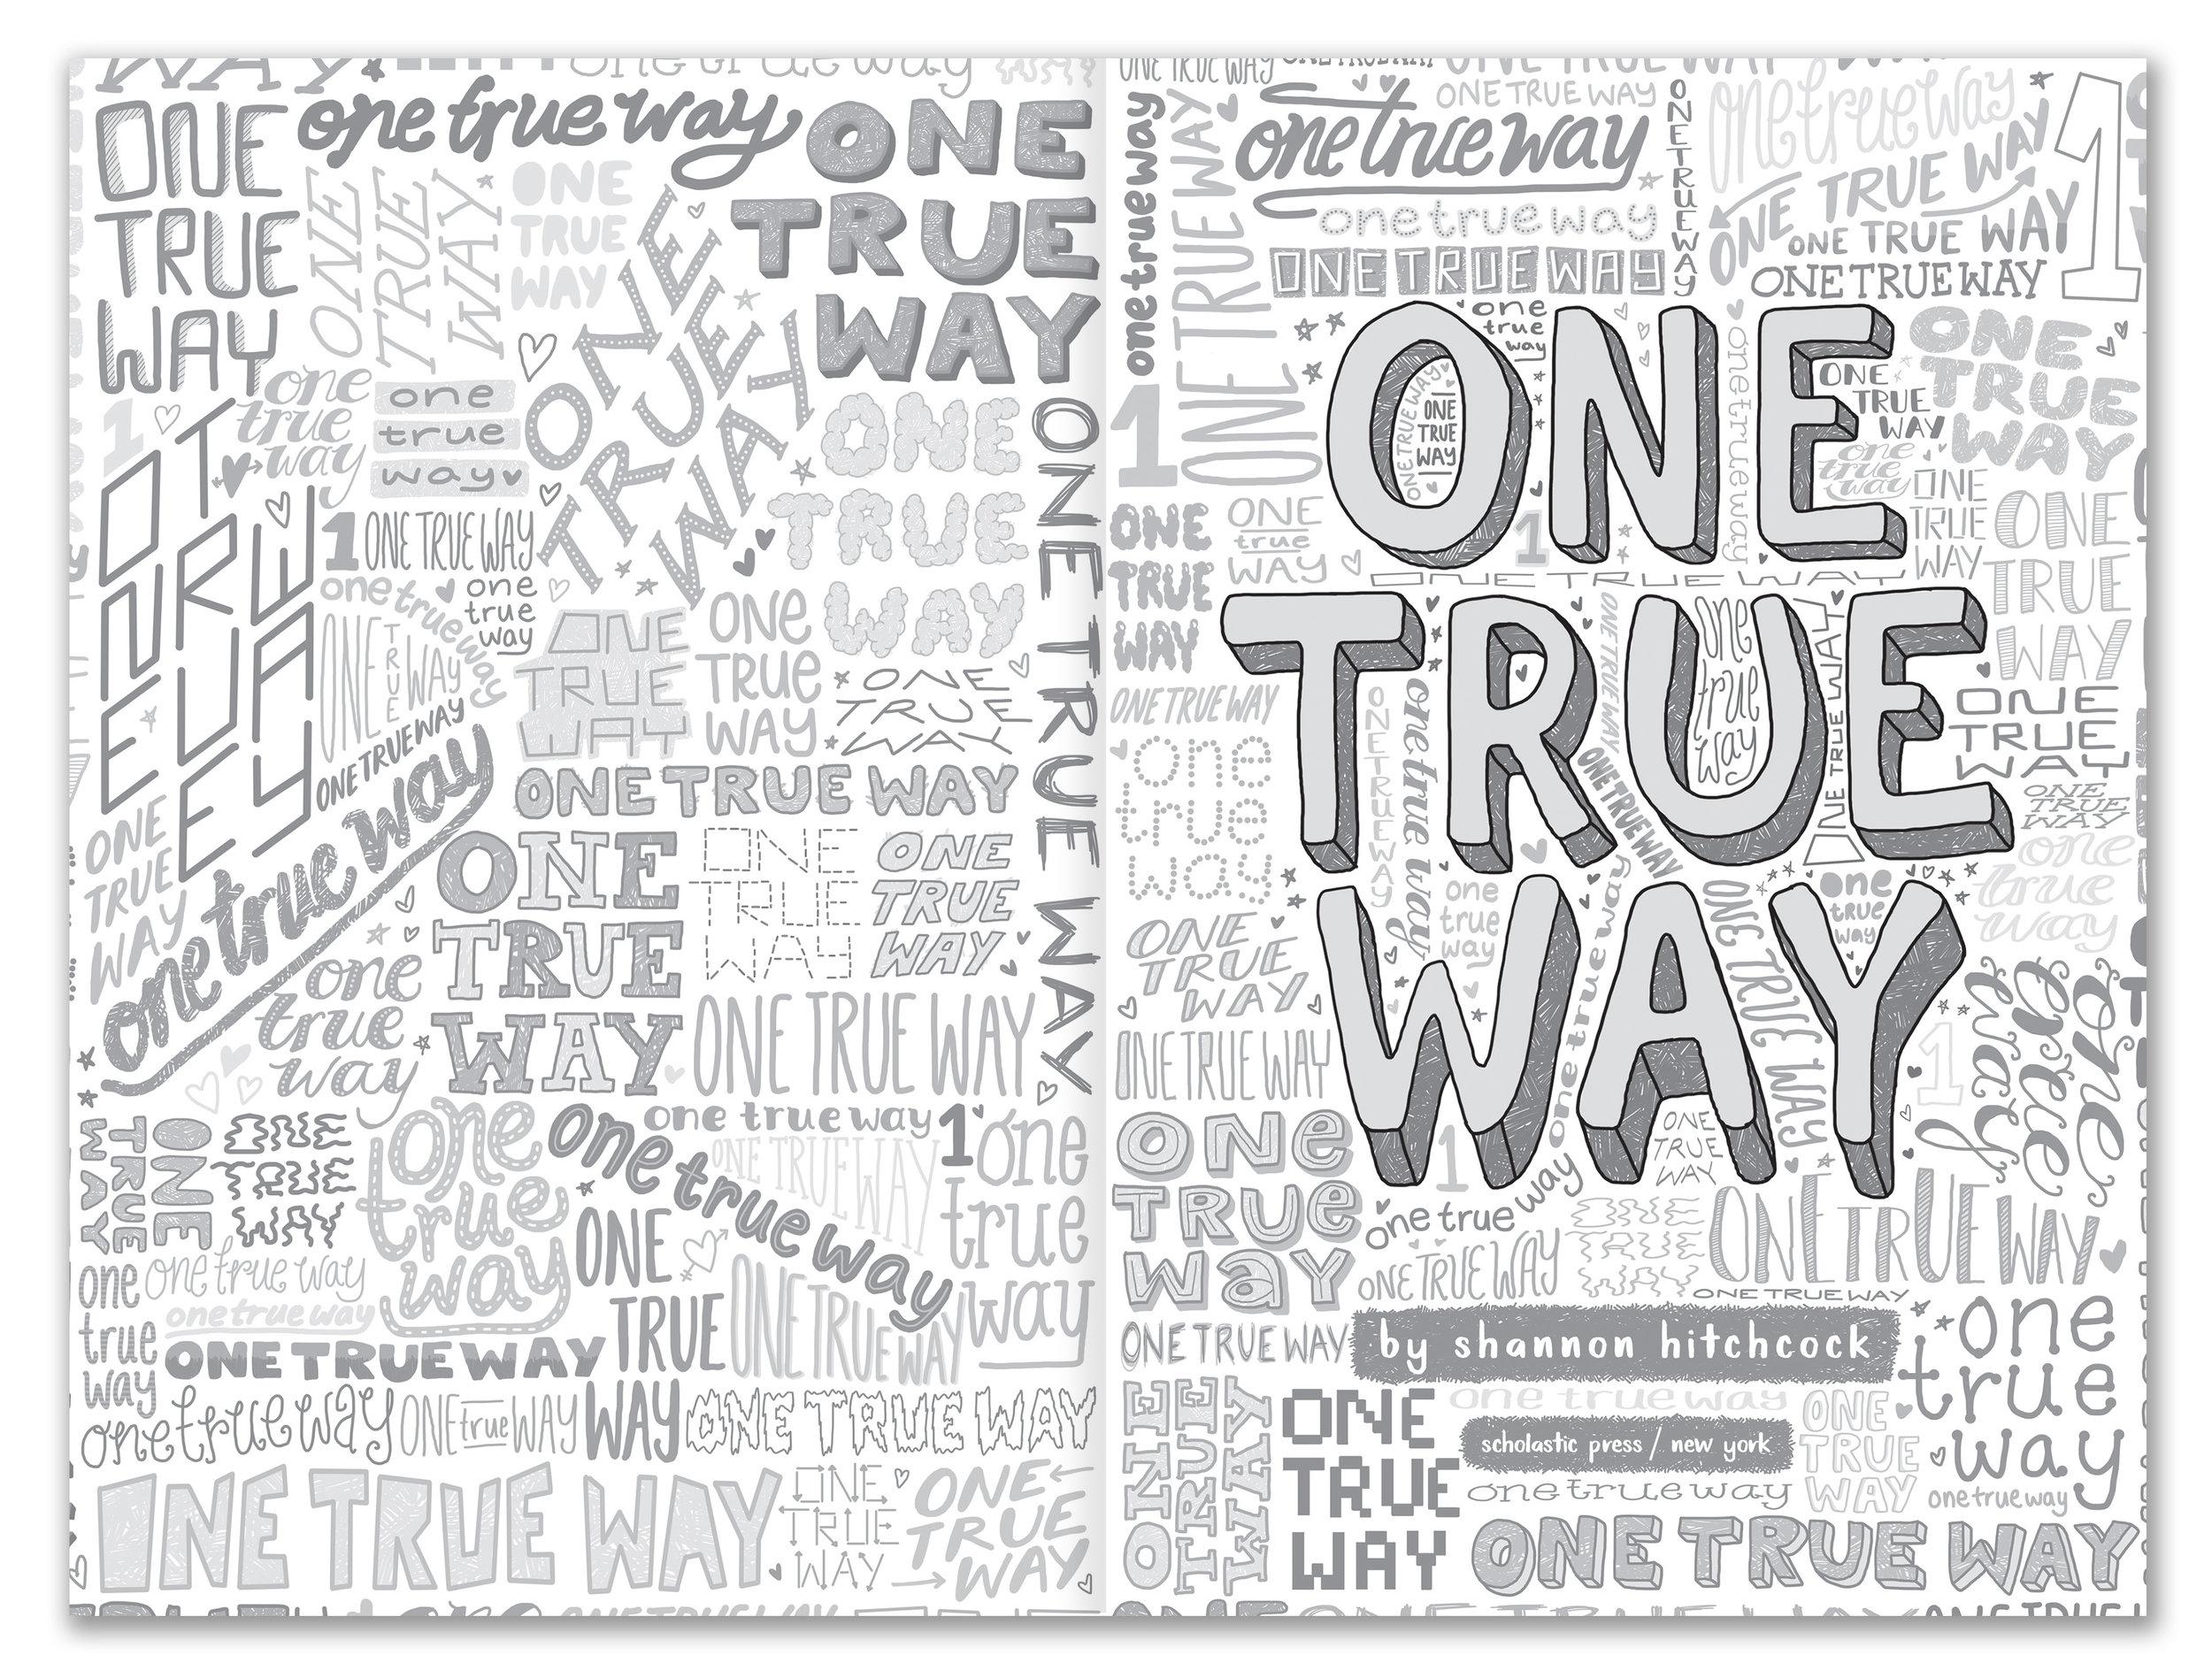 OneTrueWay_INT_1a.jpg